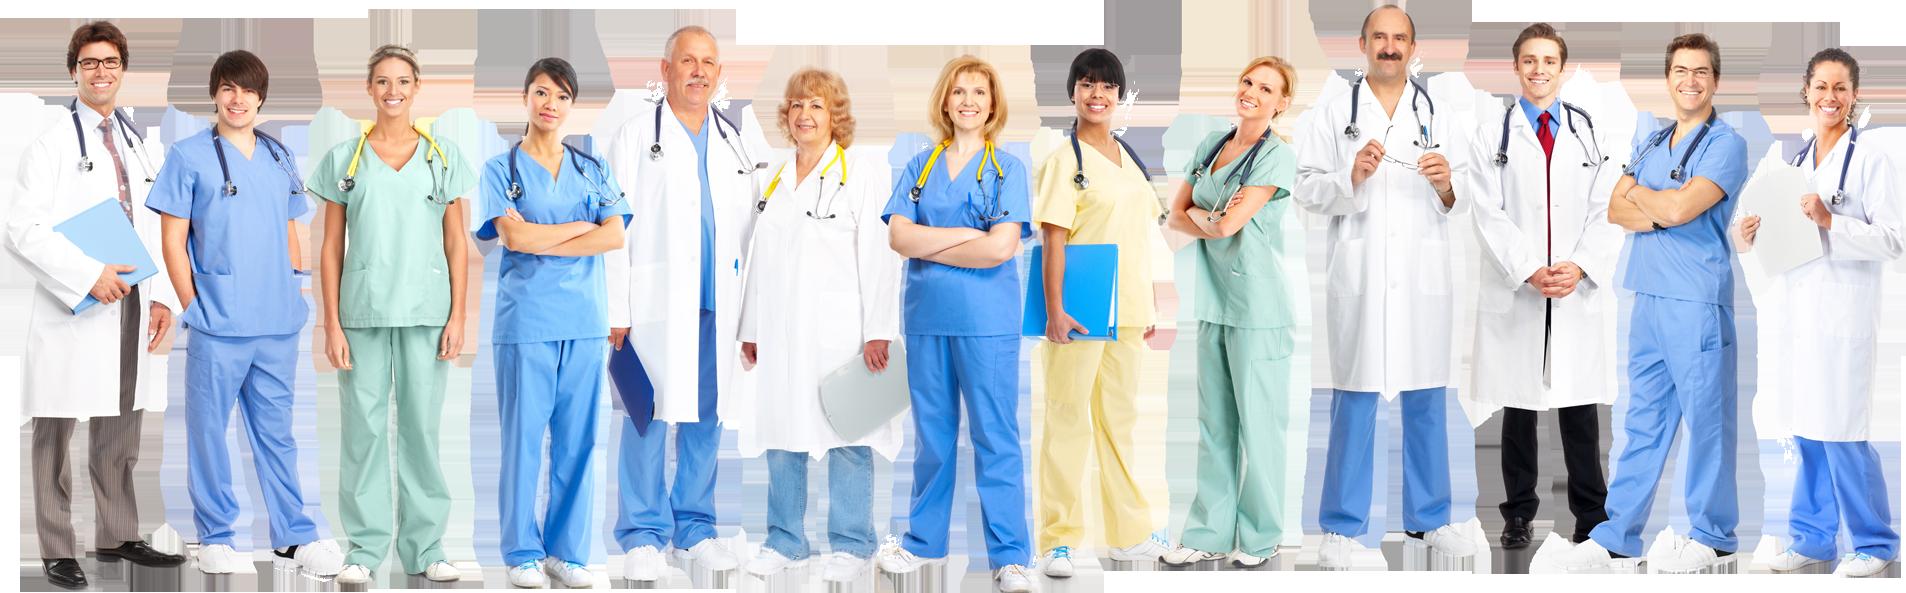 Recenze doktorů